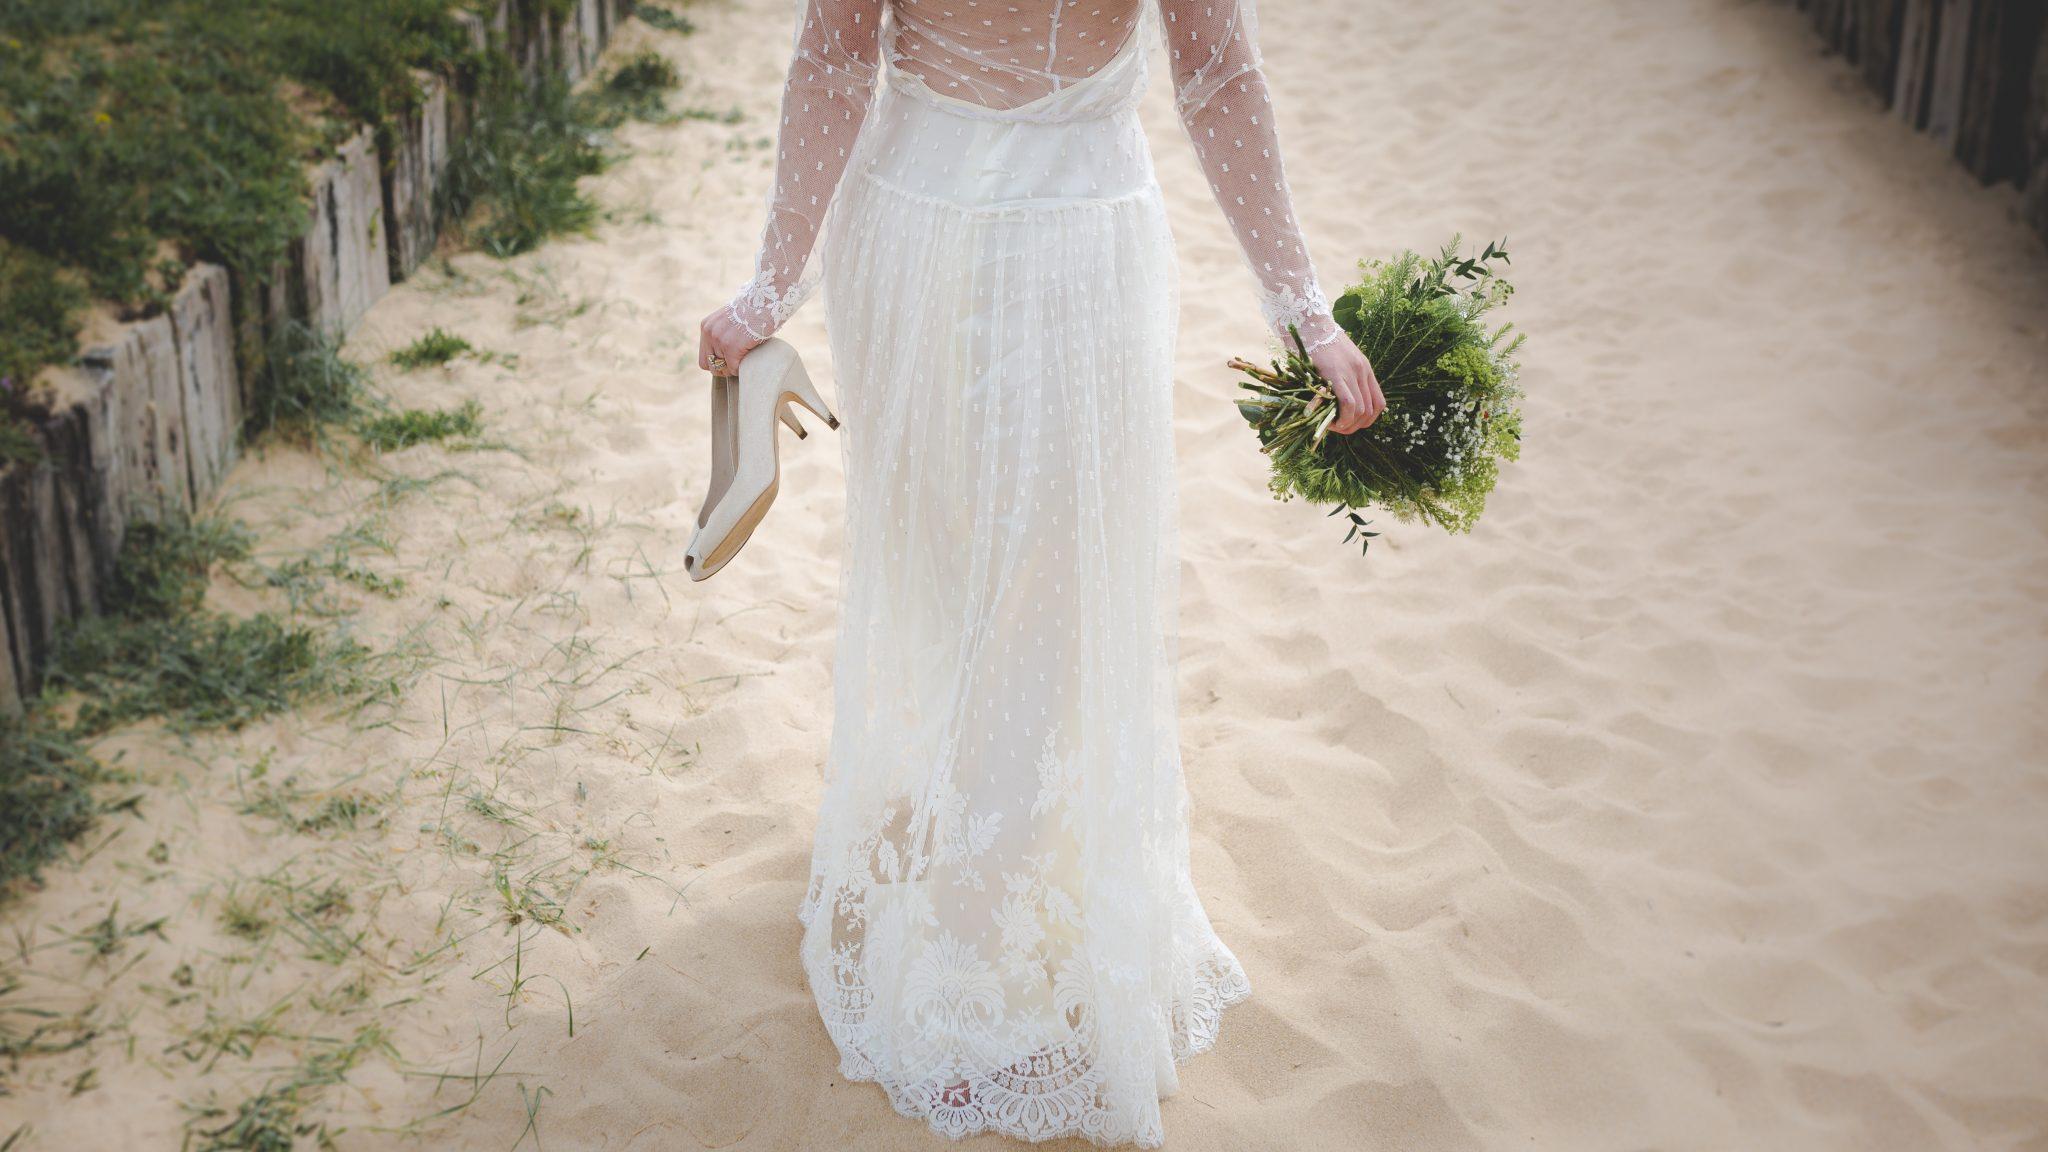 Wedding Gift Etiquette Destination Wedding : Destination Wedding Dos And Donts Etiquette & Planning ...